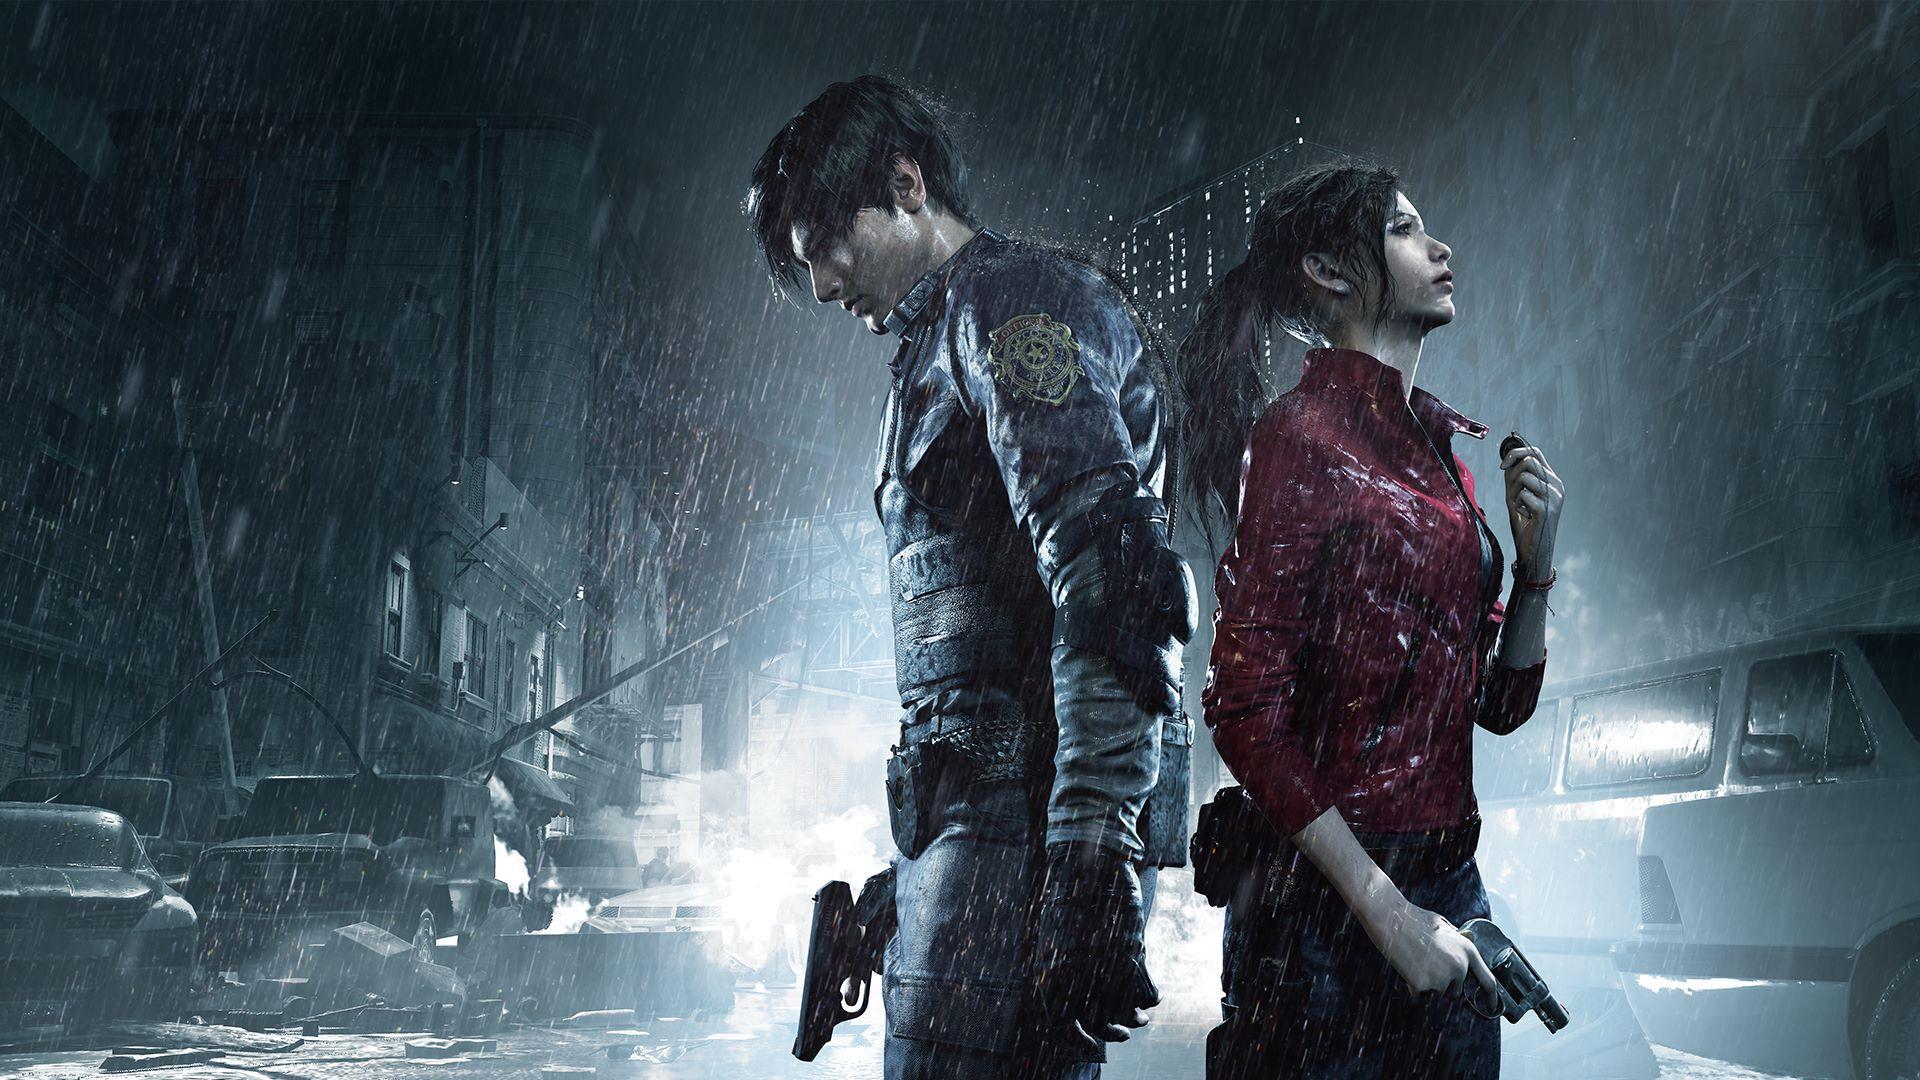 Capcom将推更多重制版游戏 同时复活老游戏IP